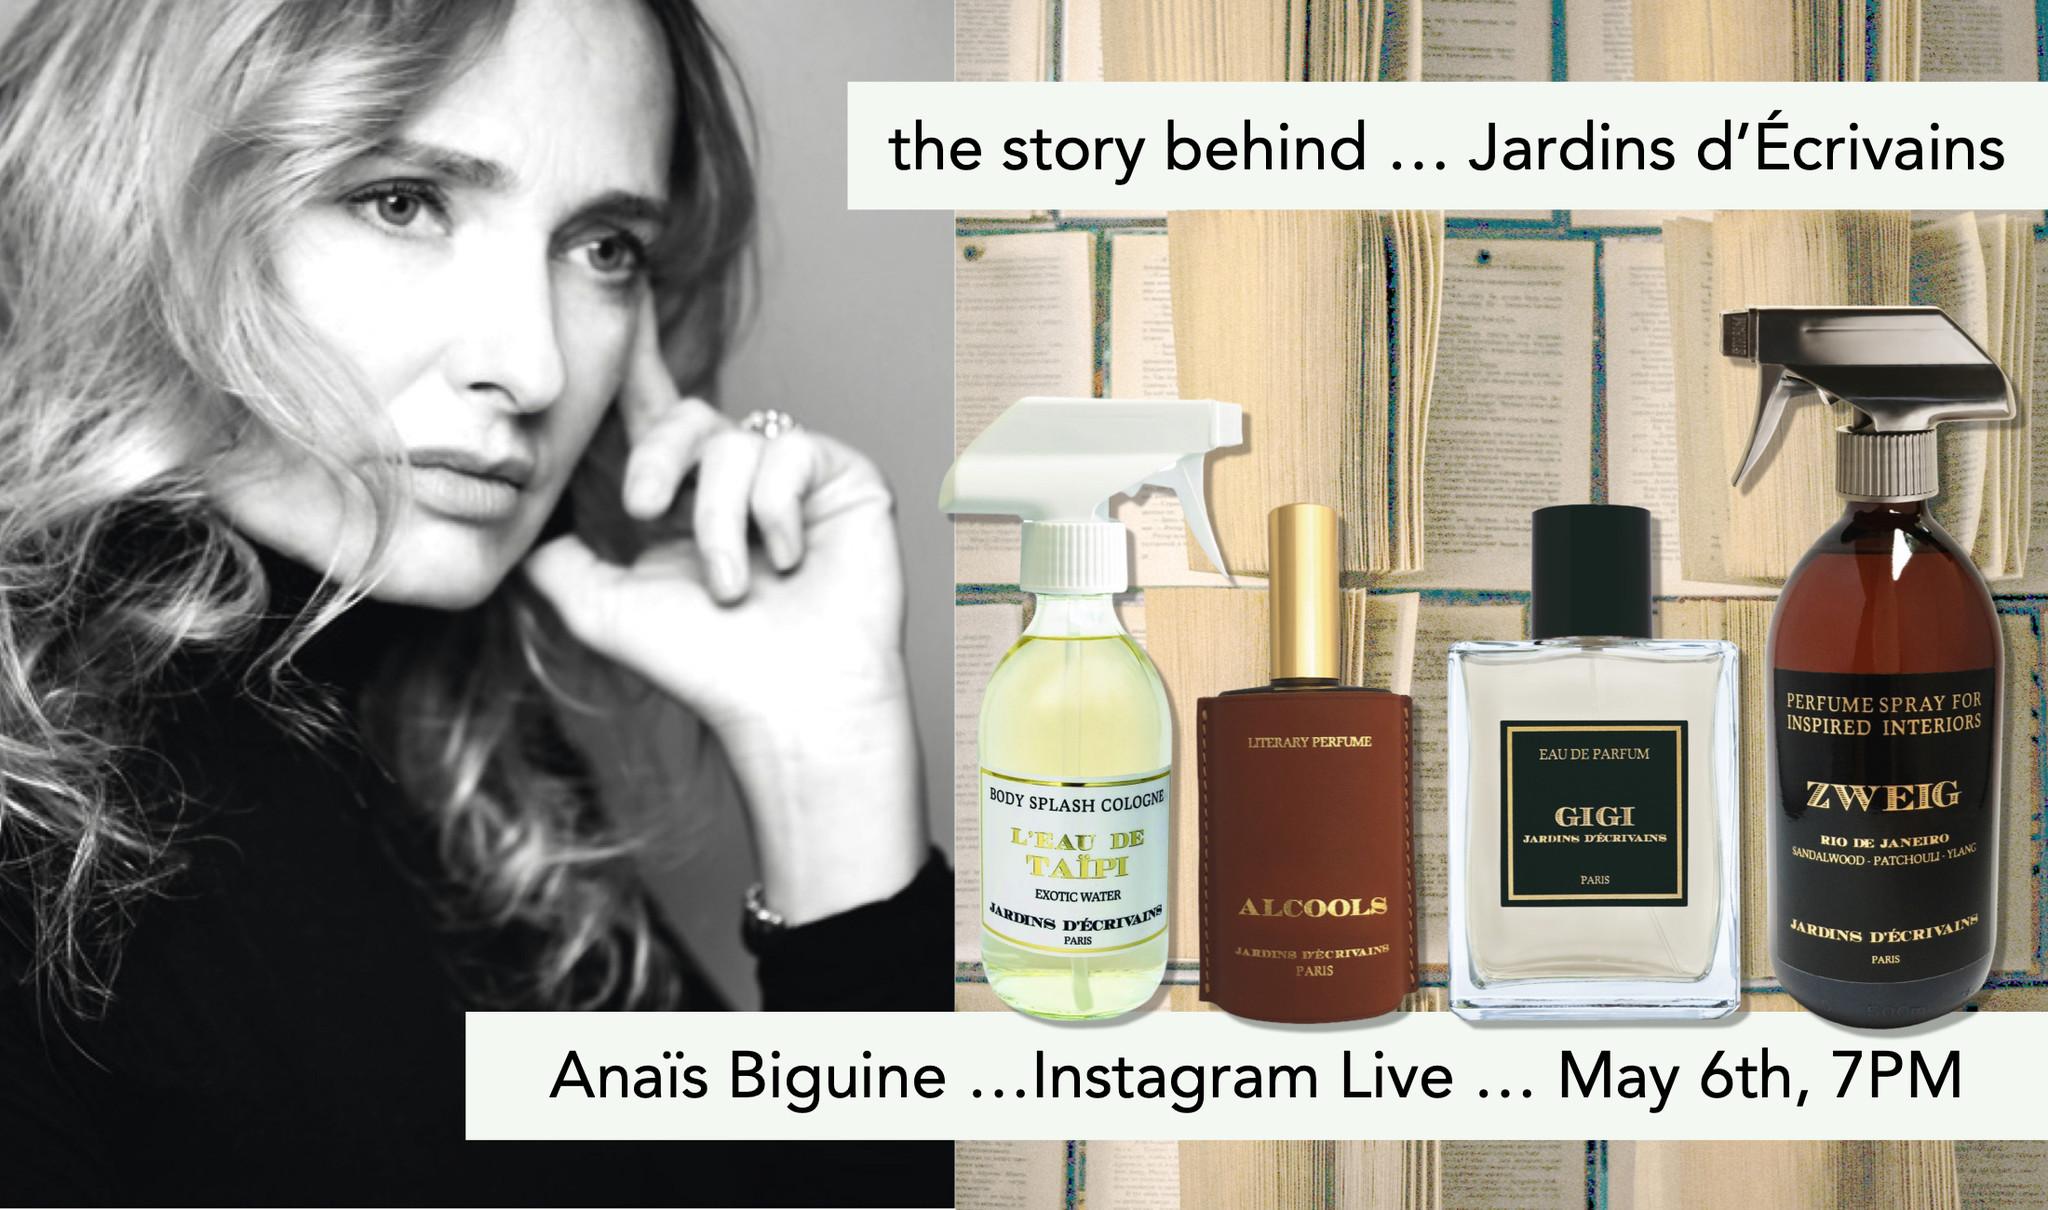 het verhaal achter ... Jardins d'Écrivains